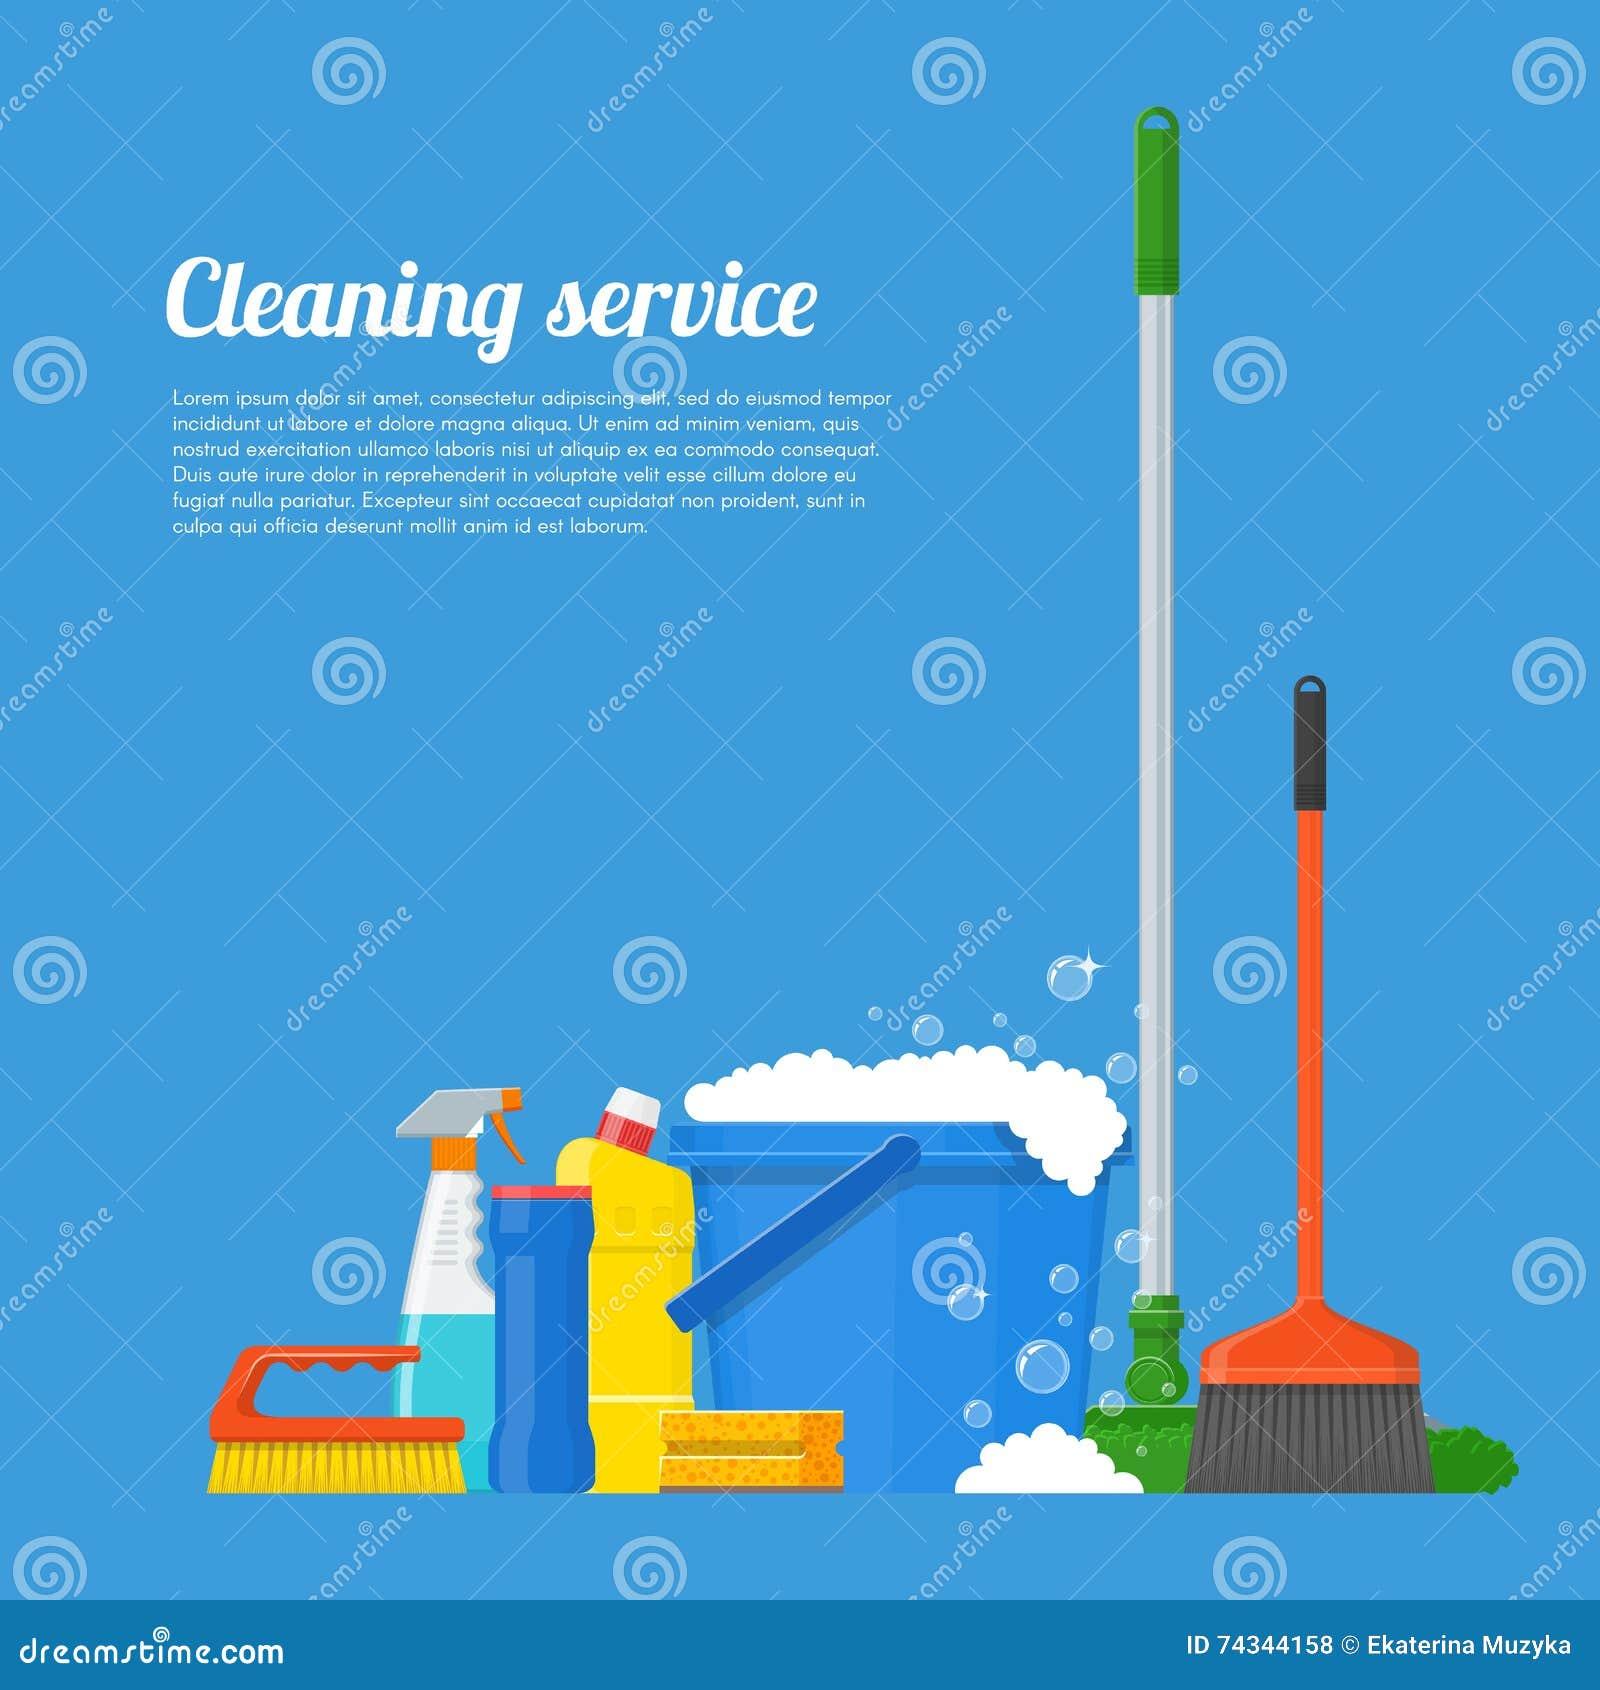 Poster design company - Concept Design